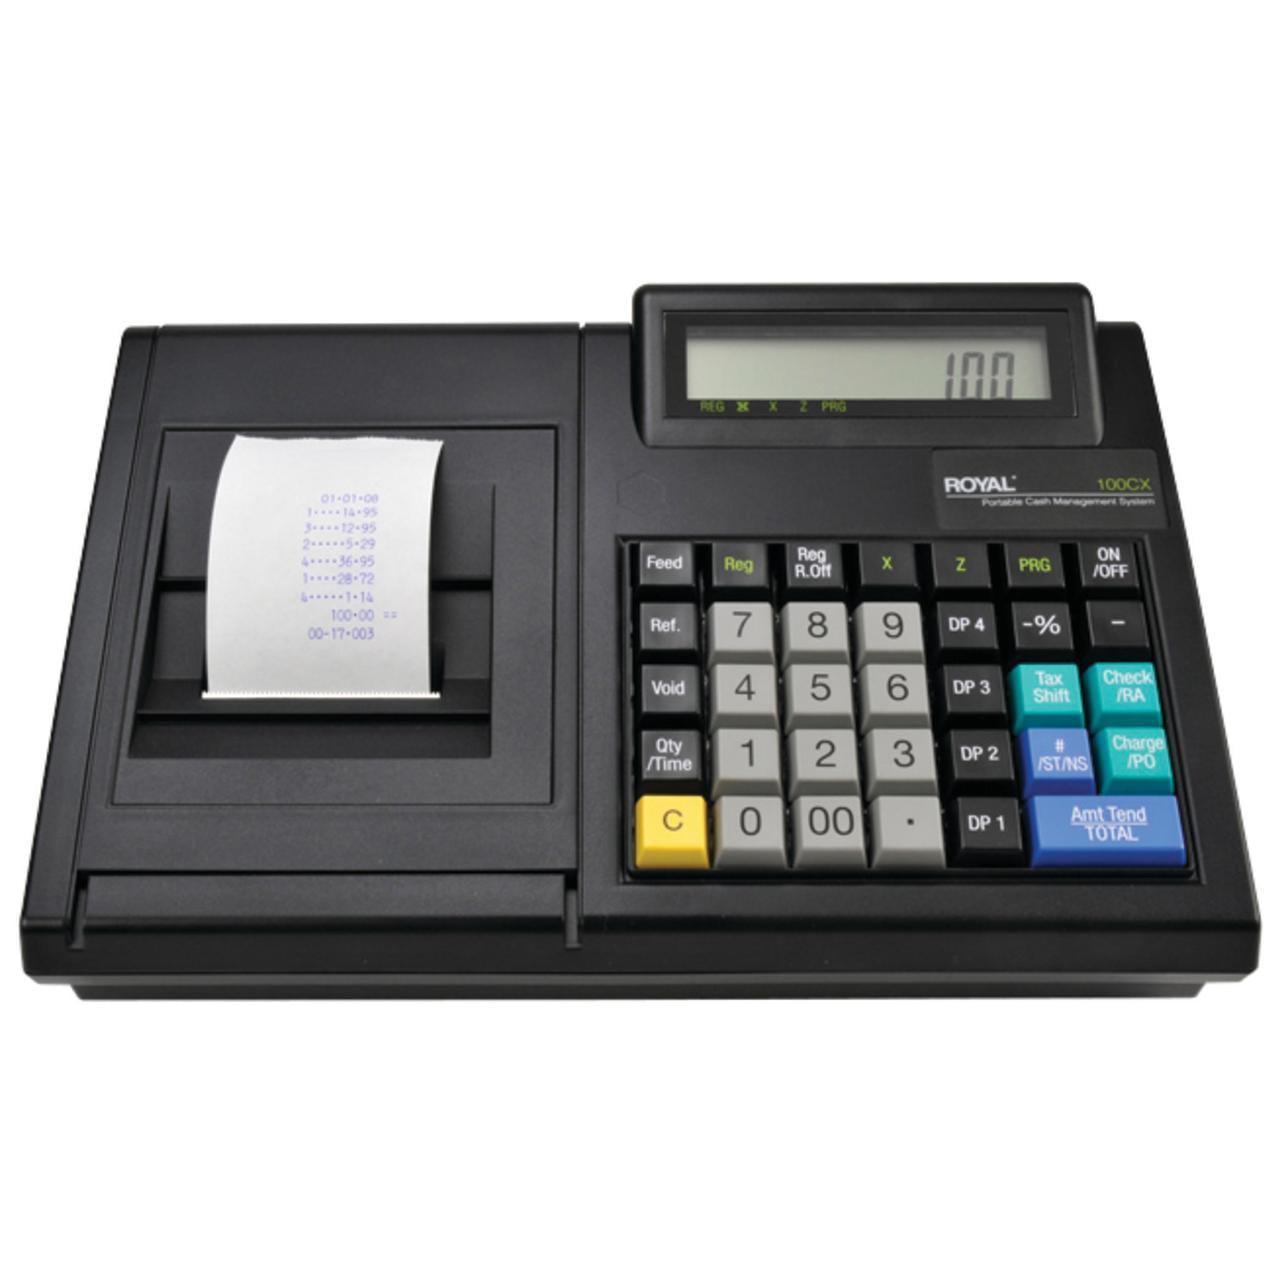 Royal 82175Q 100CX Portable Electronic Cash Register